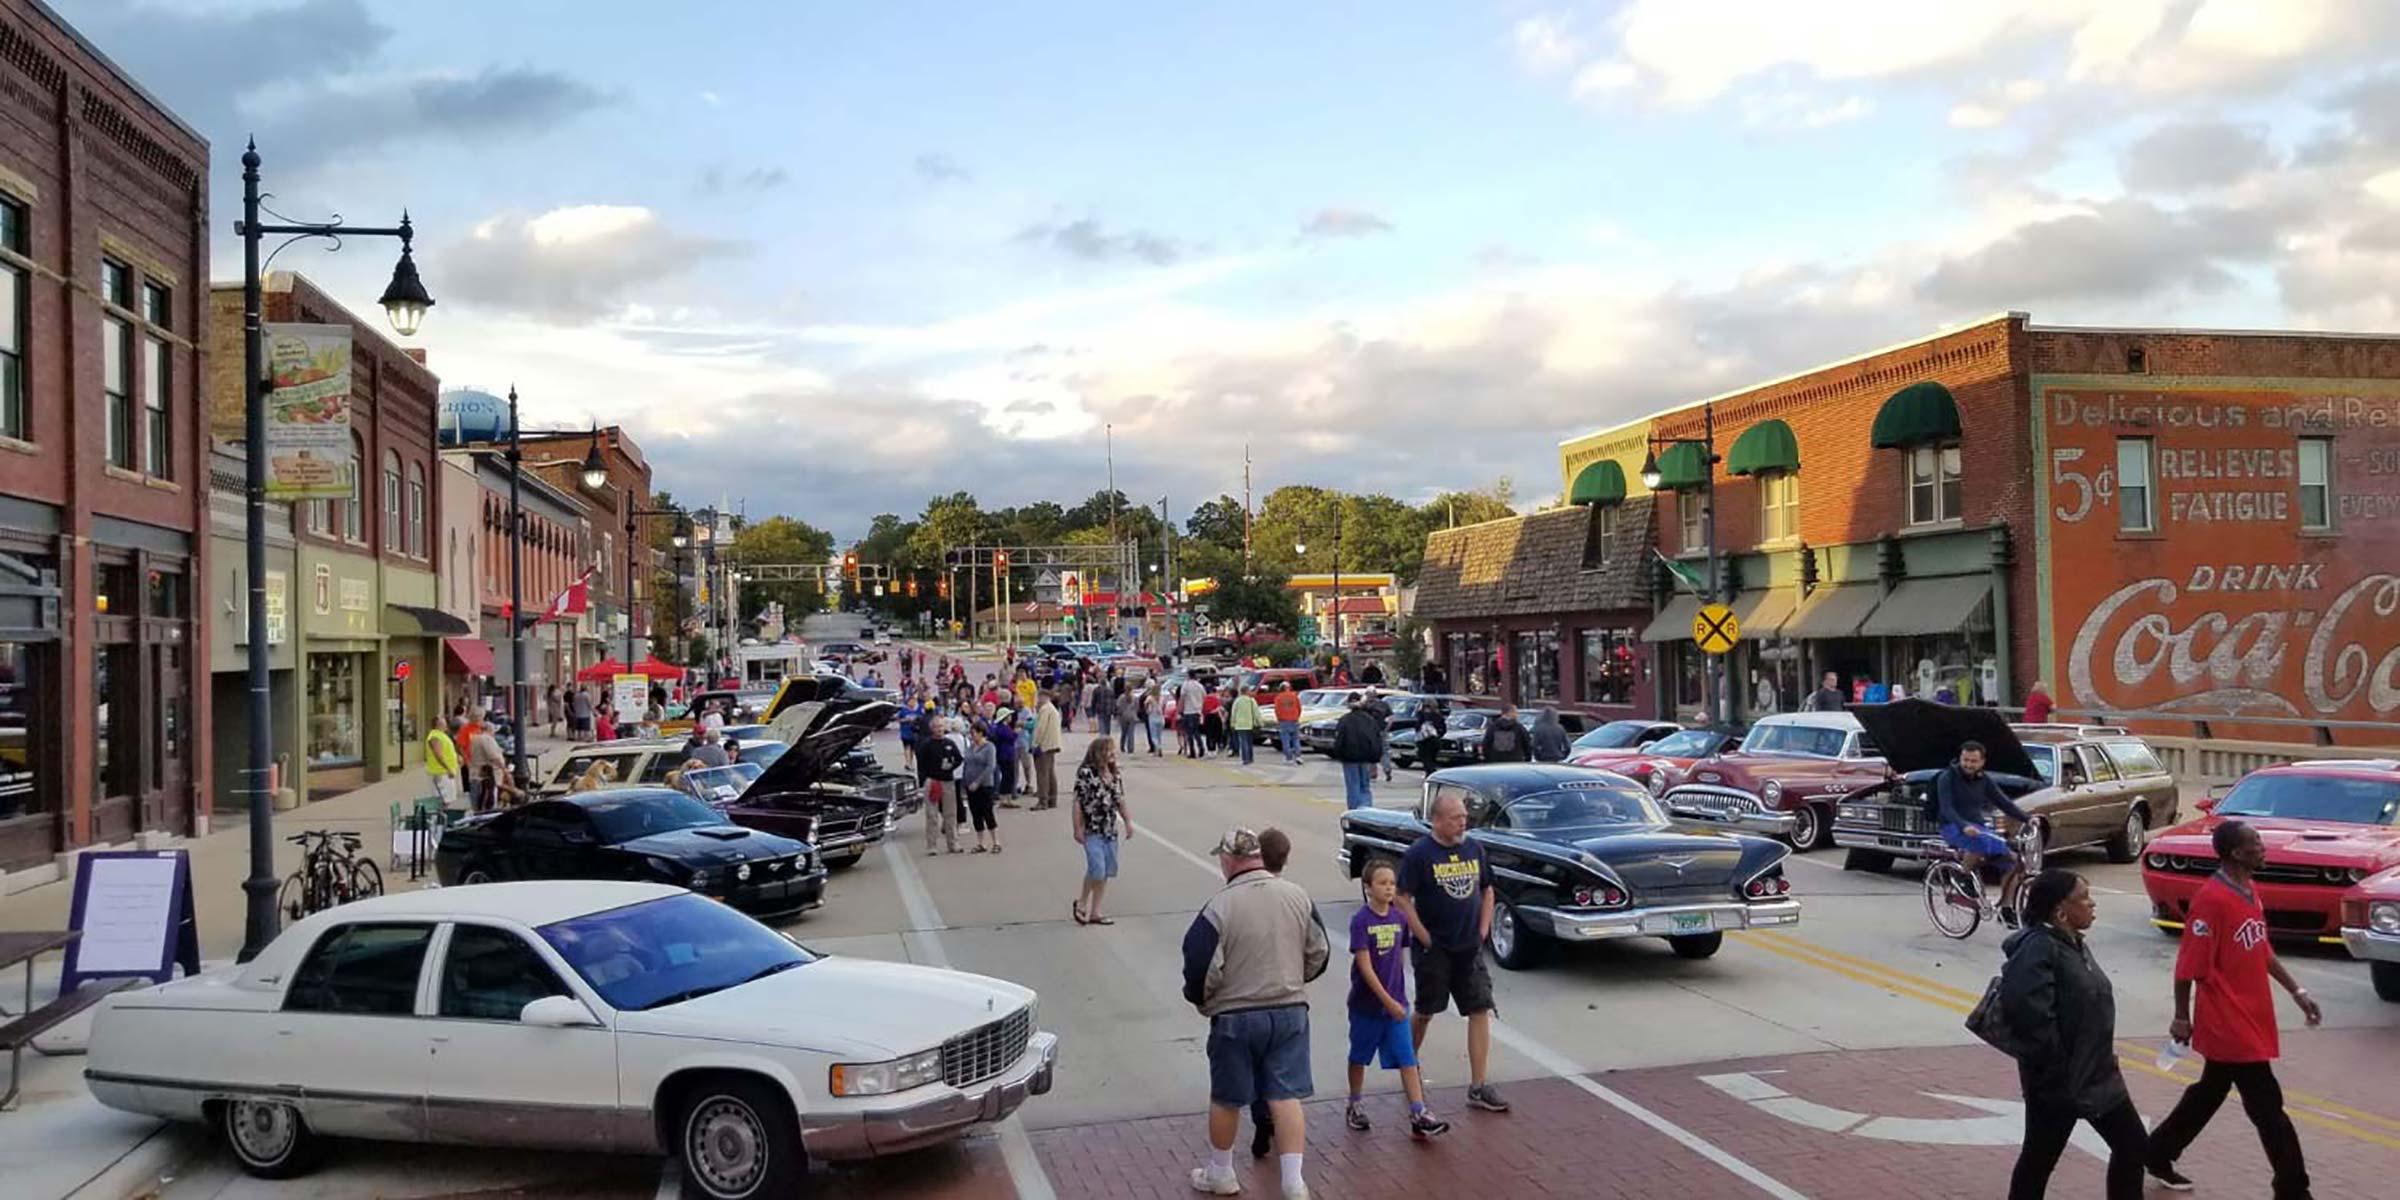 Albion Car Show